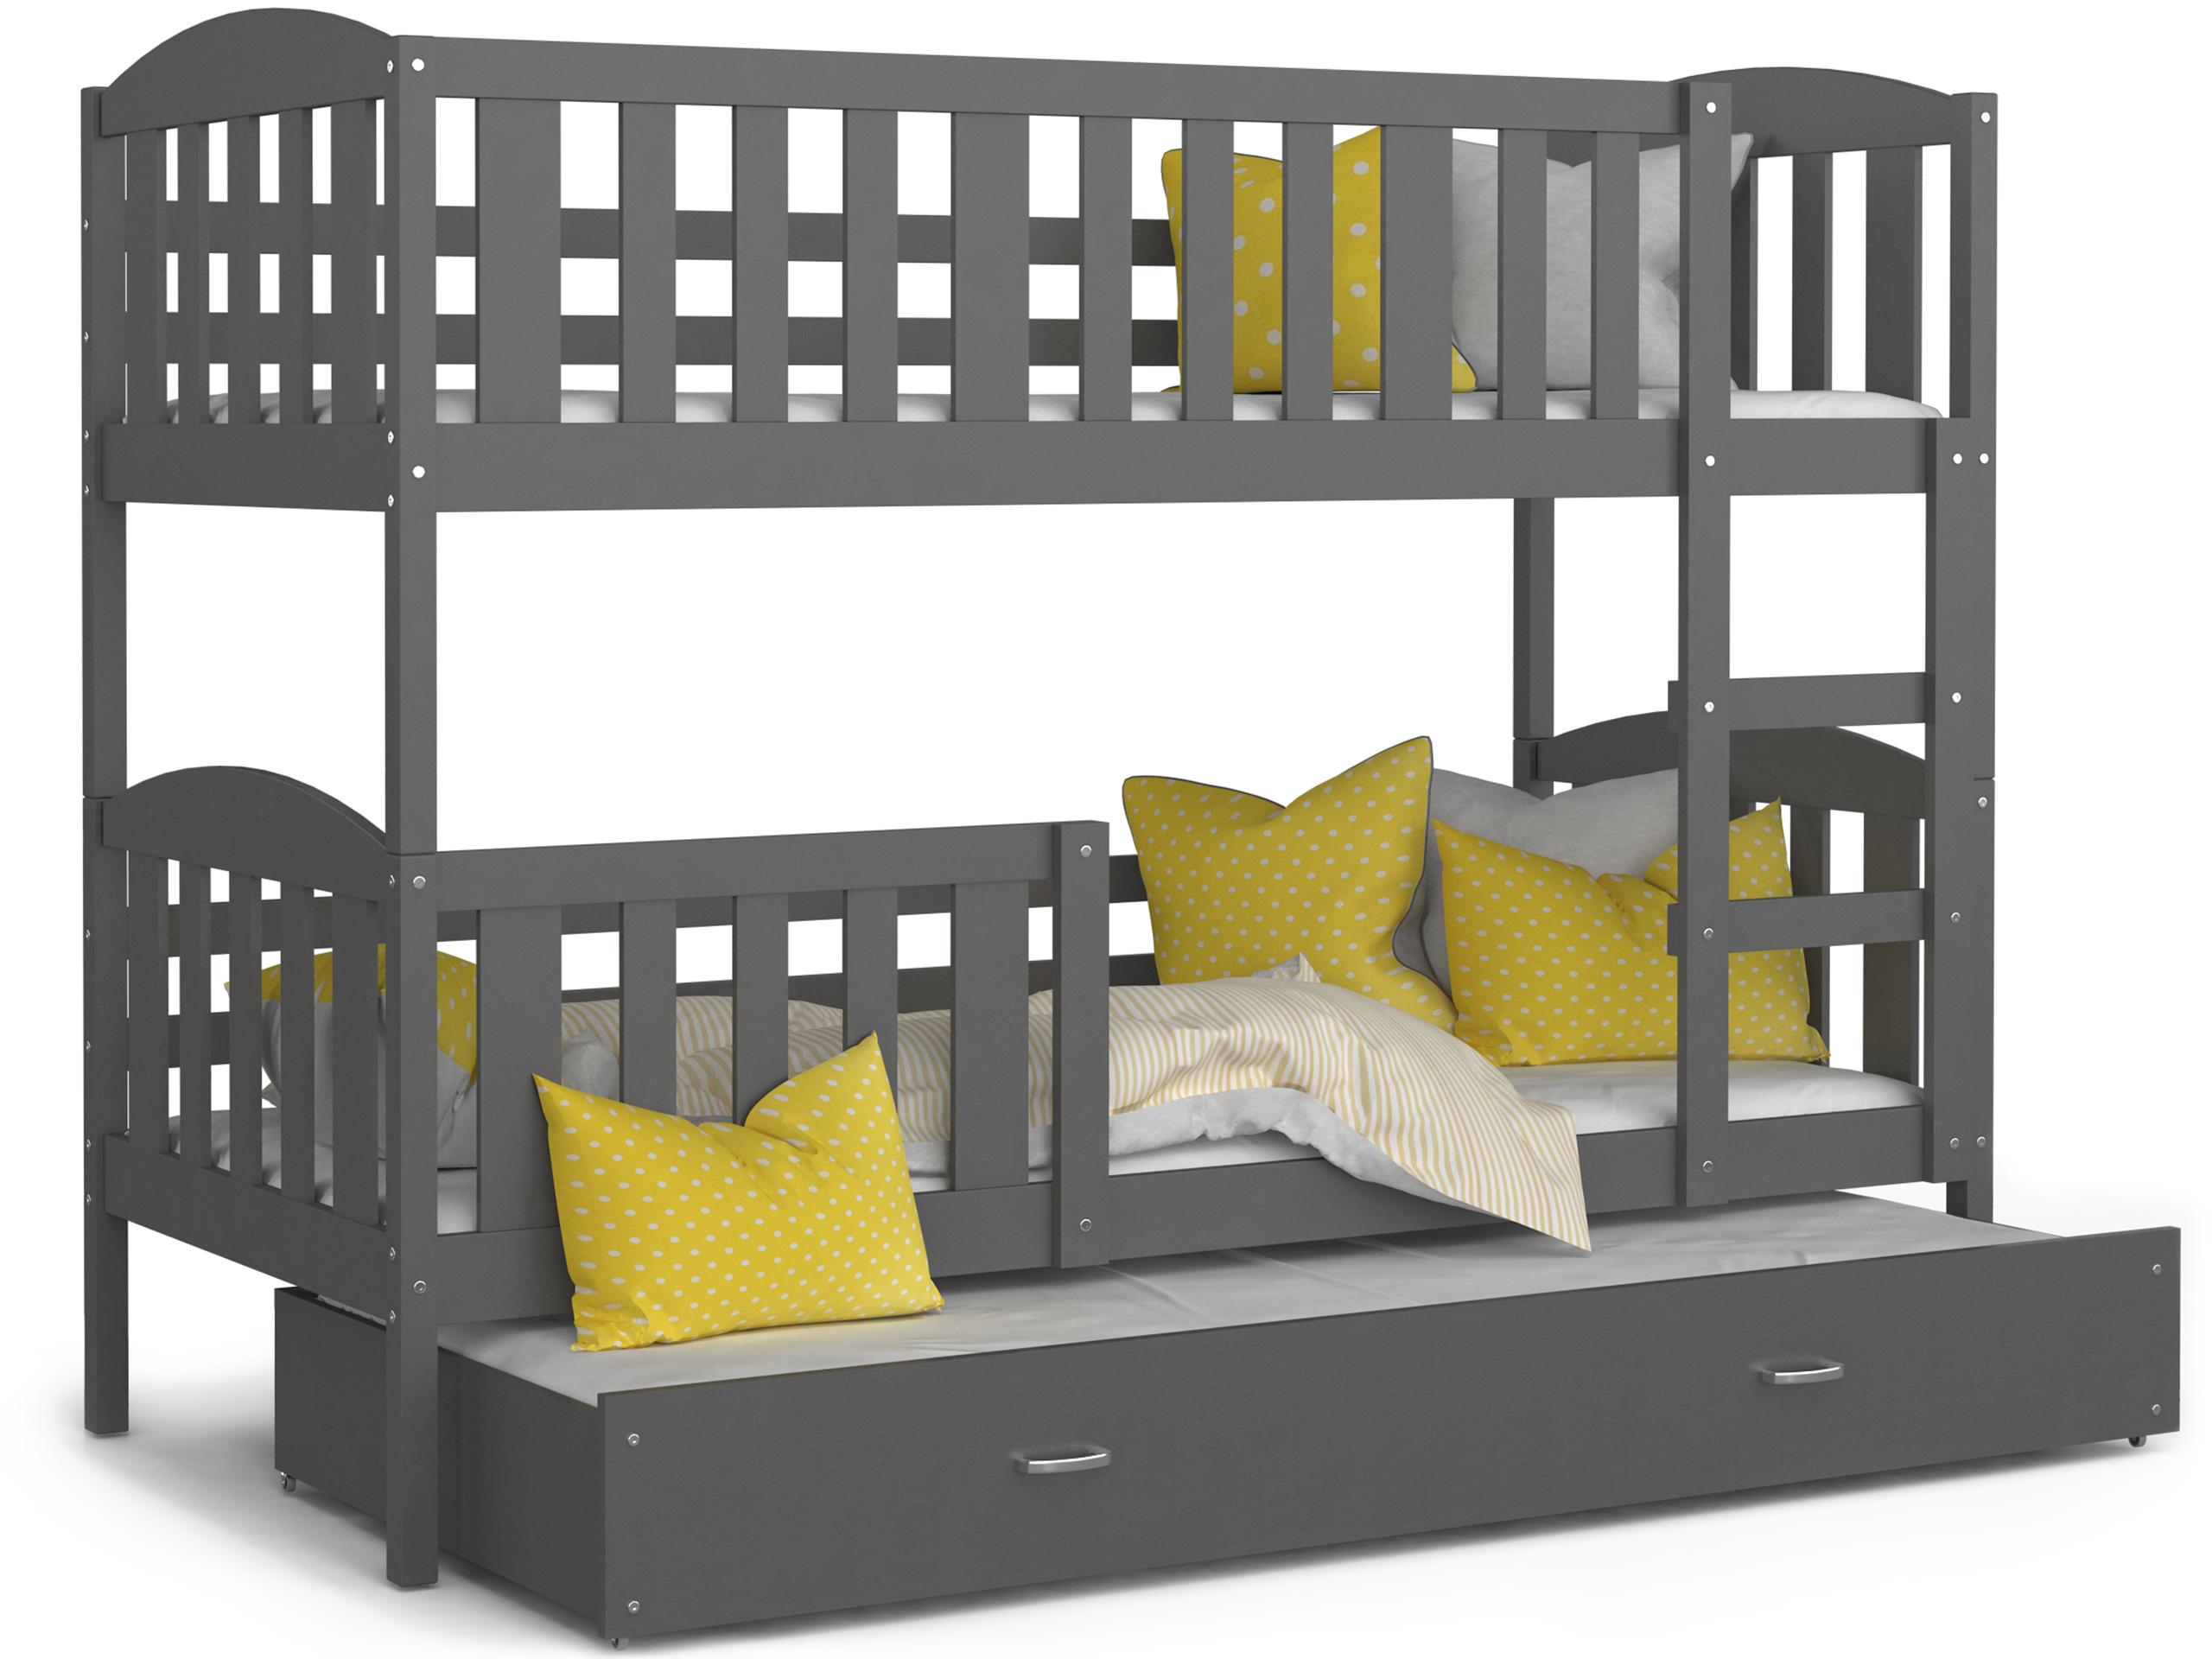 ArtAJ Detská poschodová posteľ Kubuš 3 | 190 x 80 cm Farba: Sivá / sivá, Prevedenie: bez matraca, Rozmer.: MDF